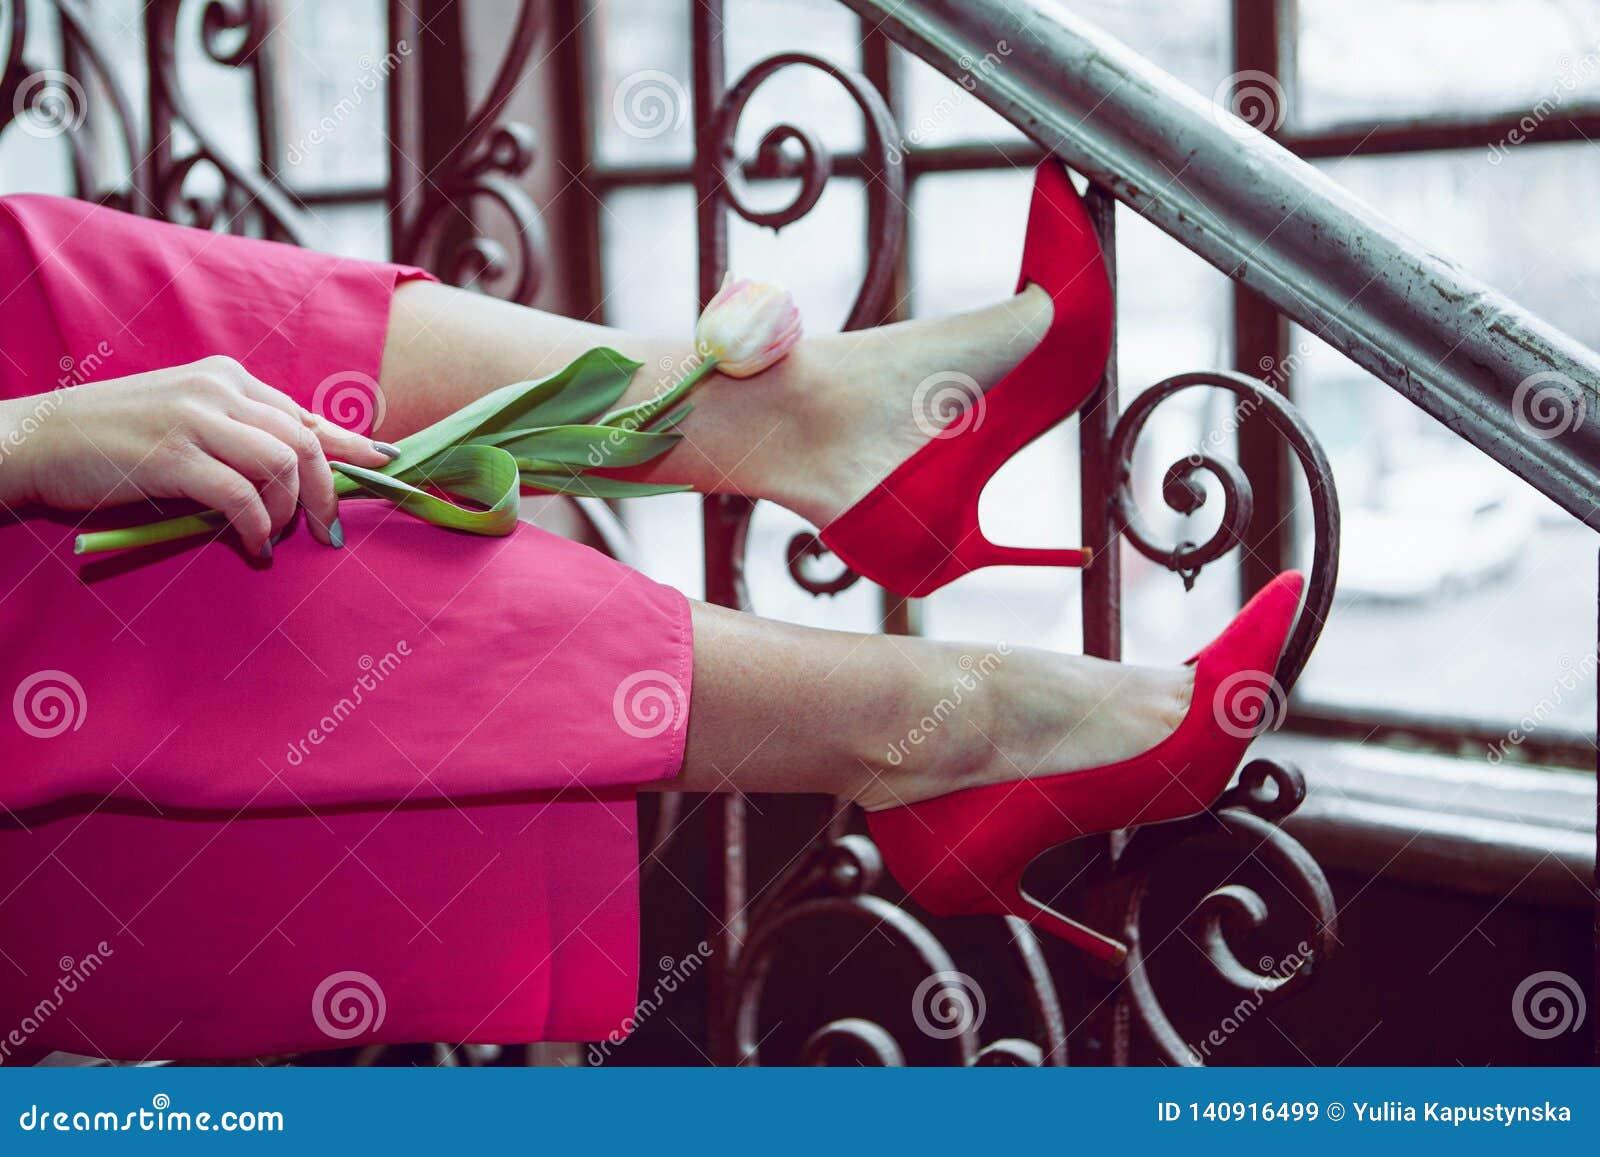 Tulipán en las piernas de una chica joven